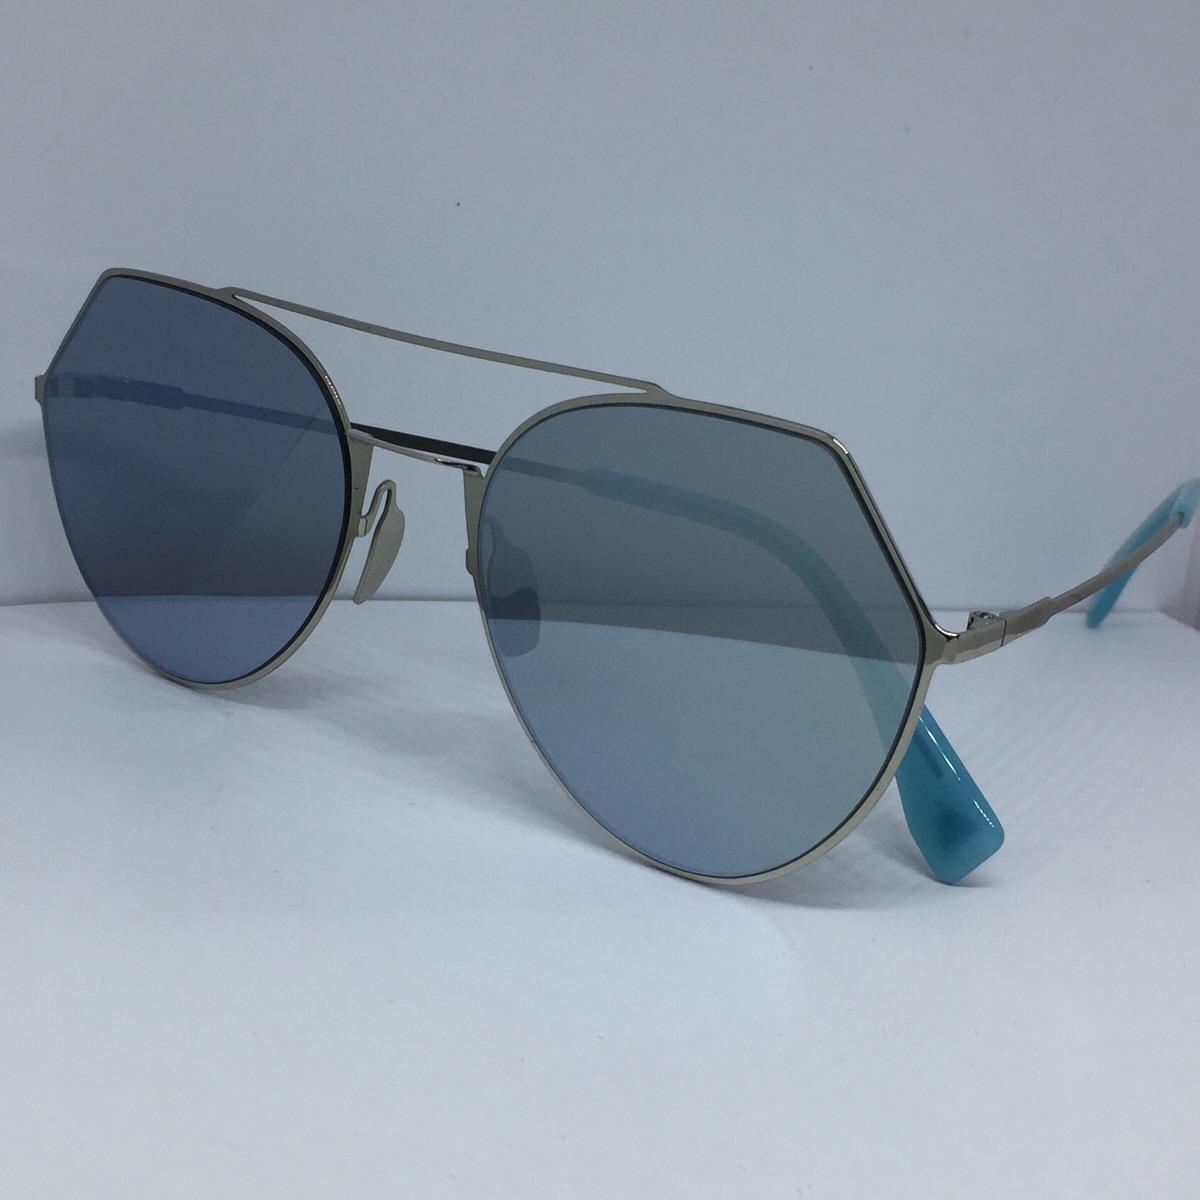 Óculos Fendi Ff0194 Eyeline Azul - R  240,00 em Mercado Livre db6d9e993c